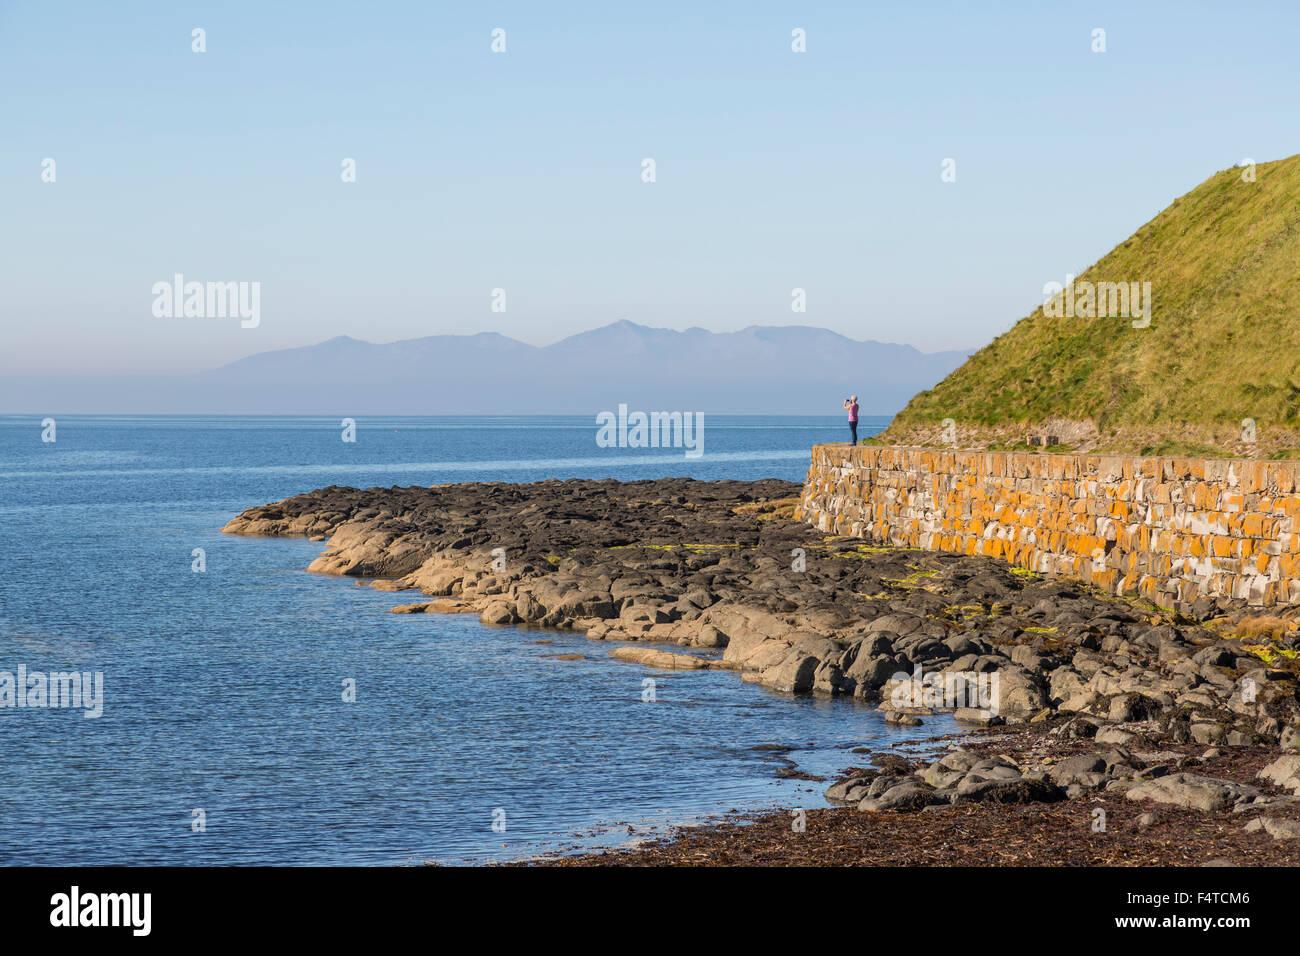 Camminando lungo il percorso costiero dell'Ayrshire, Troon, Scozia, Regno Unito Foto Stock